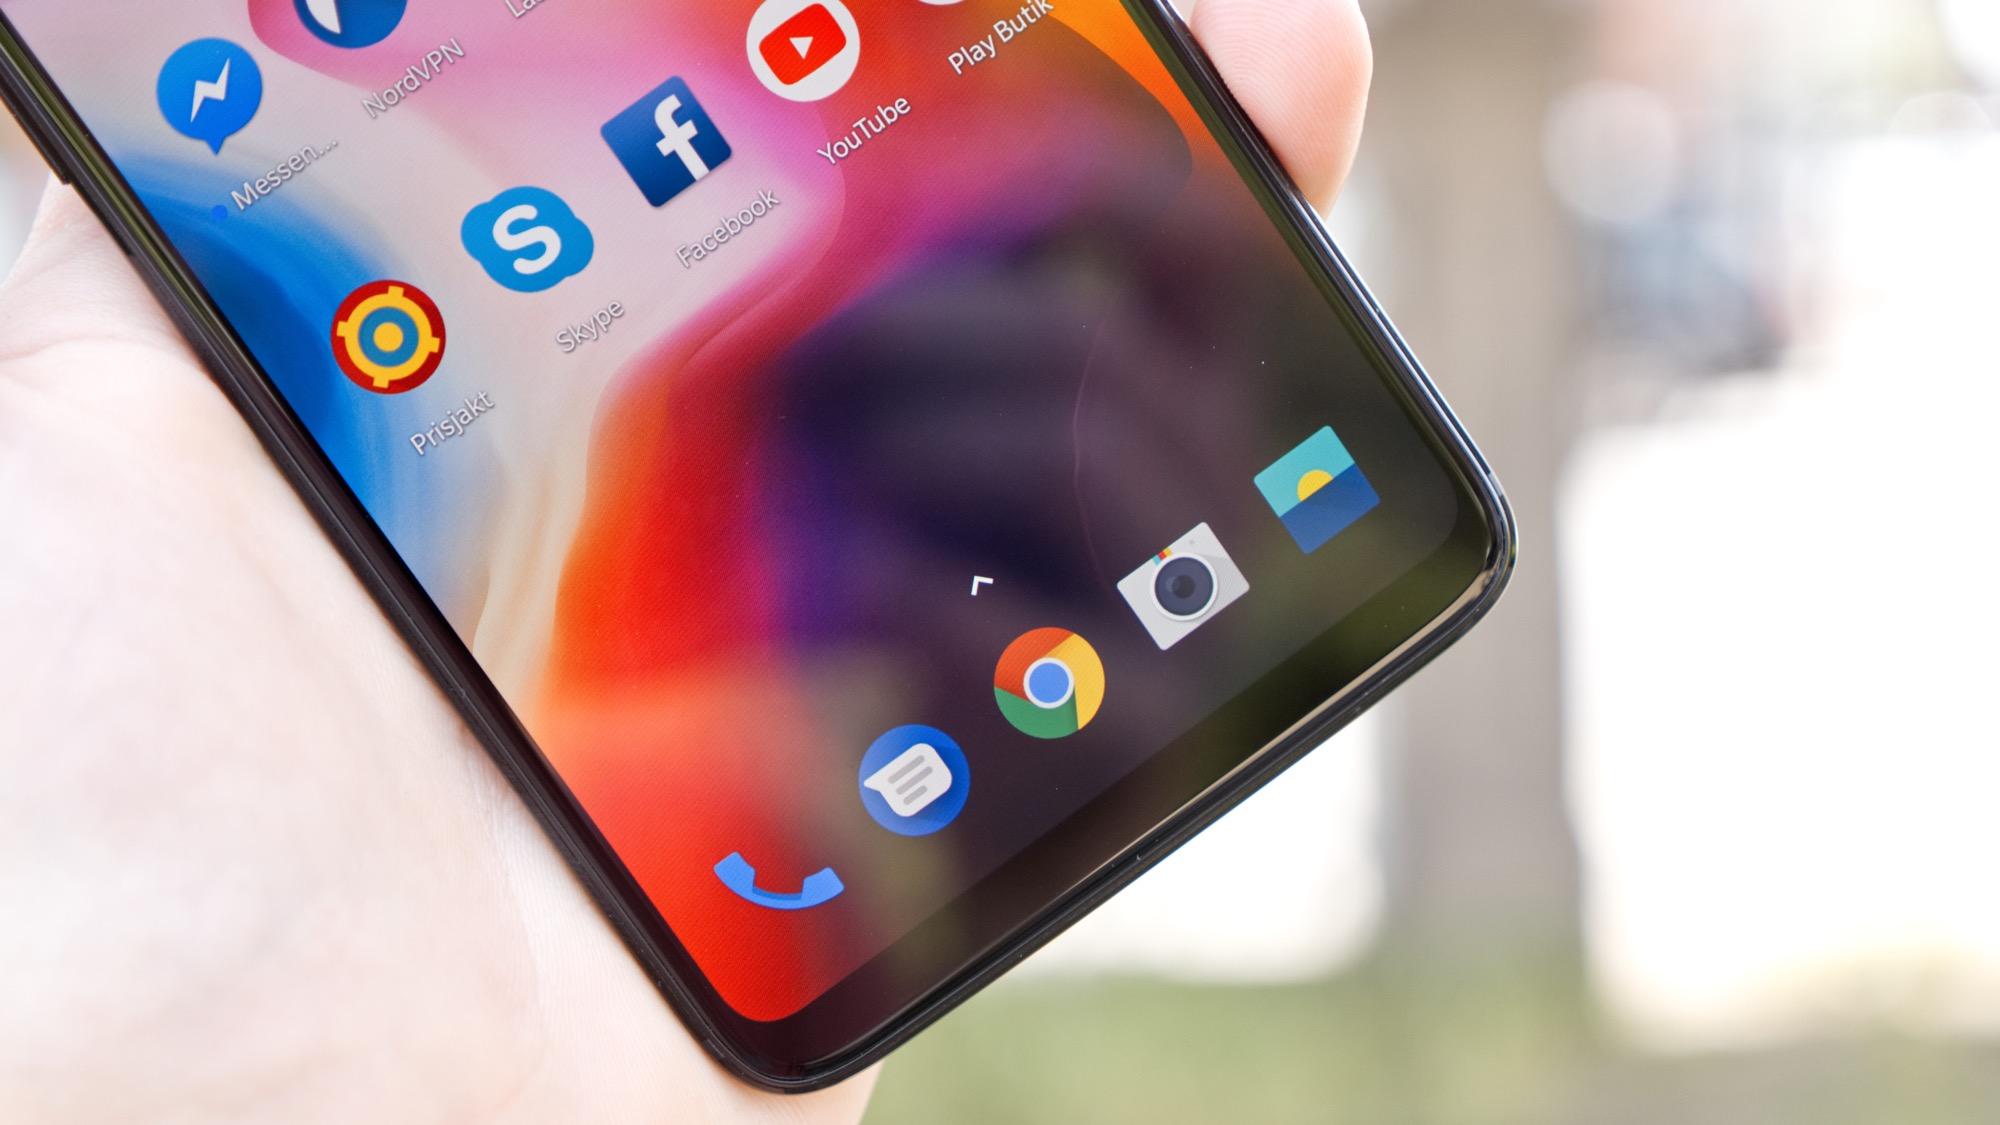 OnePlus 6 riktar sig främst till en målgrupp som uppskattar prestanda och  imponerande specifikationer. Det är troligen förklaringen till att OnePlus  6 har aa0665f485115